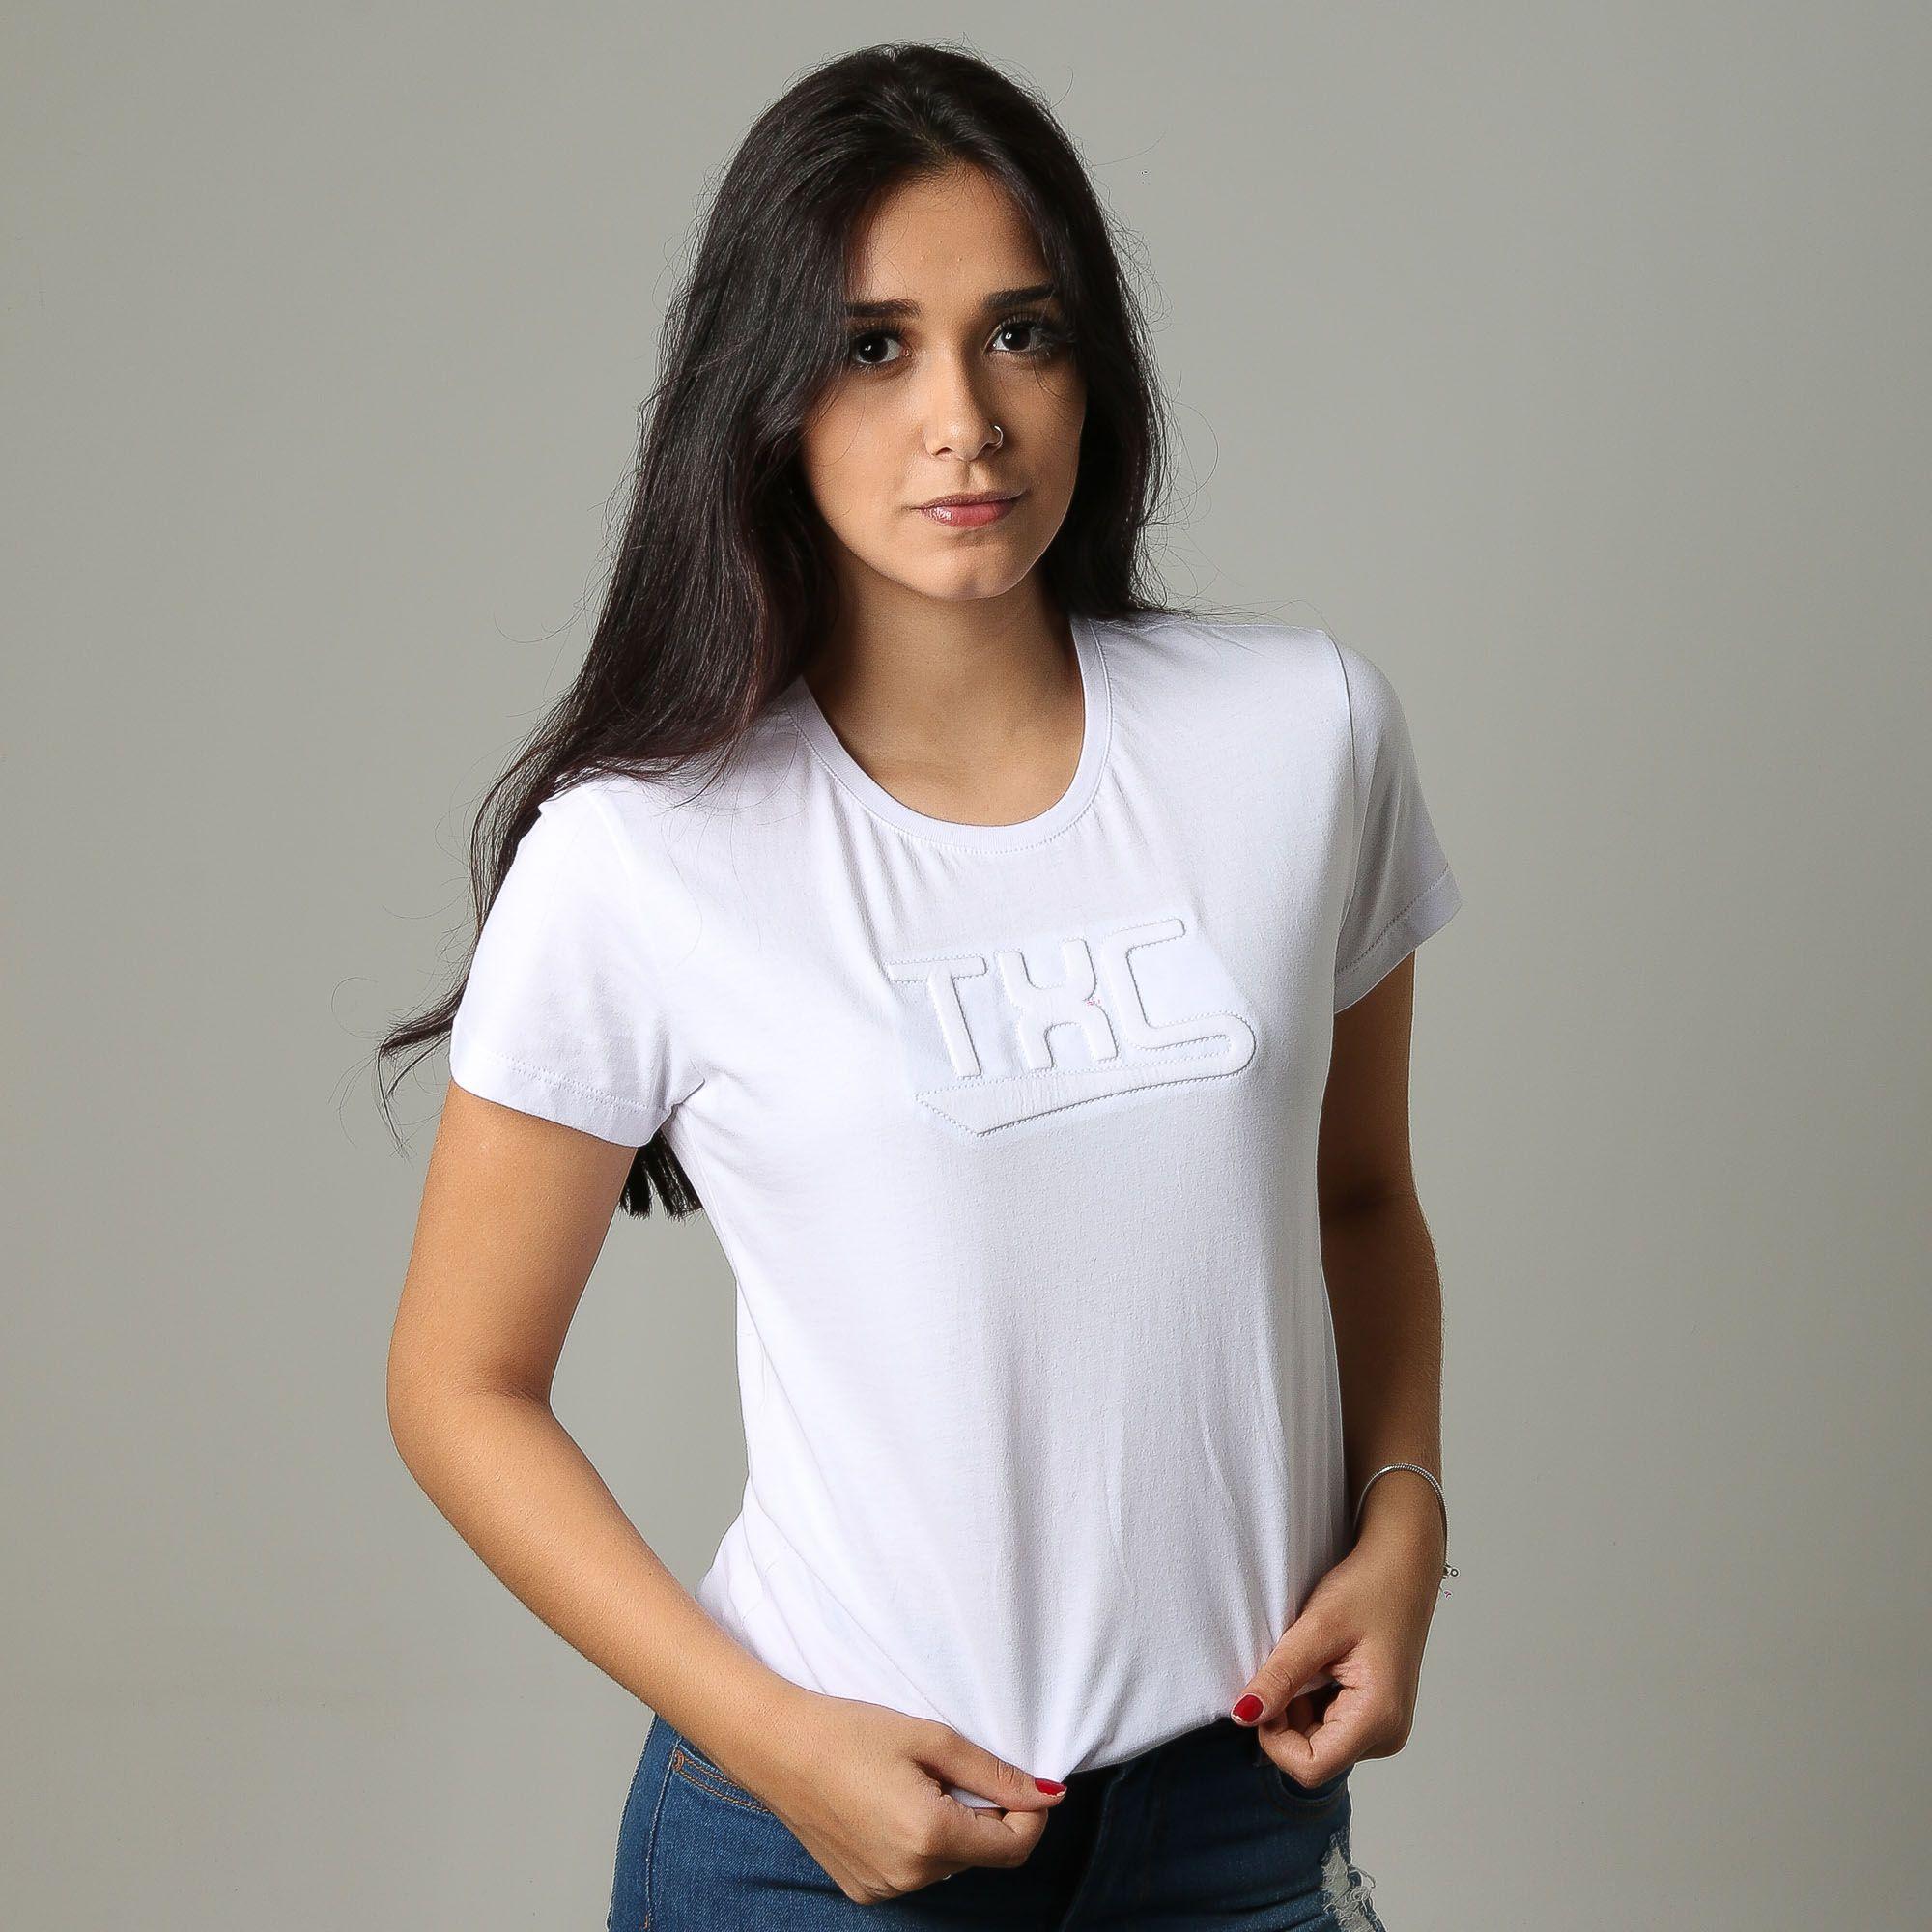 Camiseta TXC Brand 4520